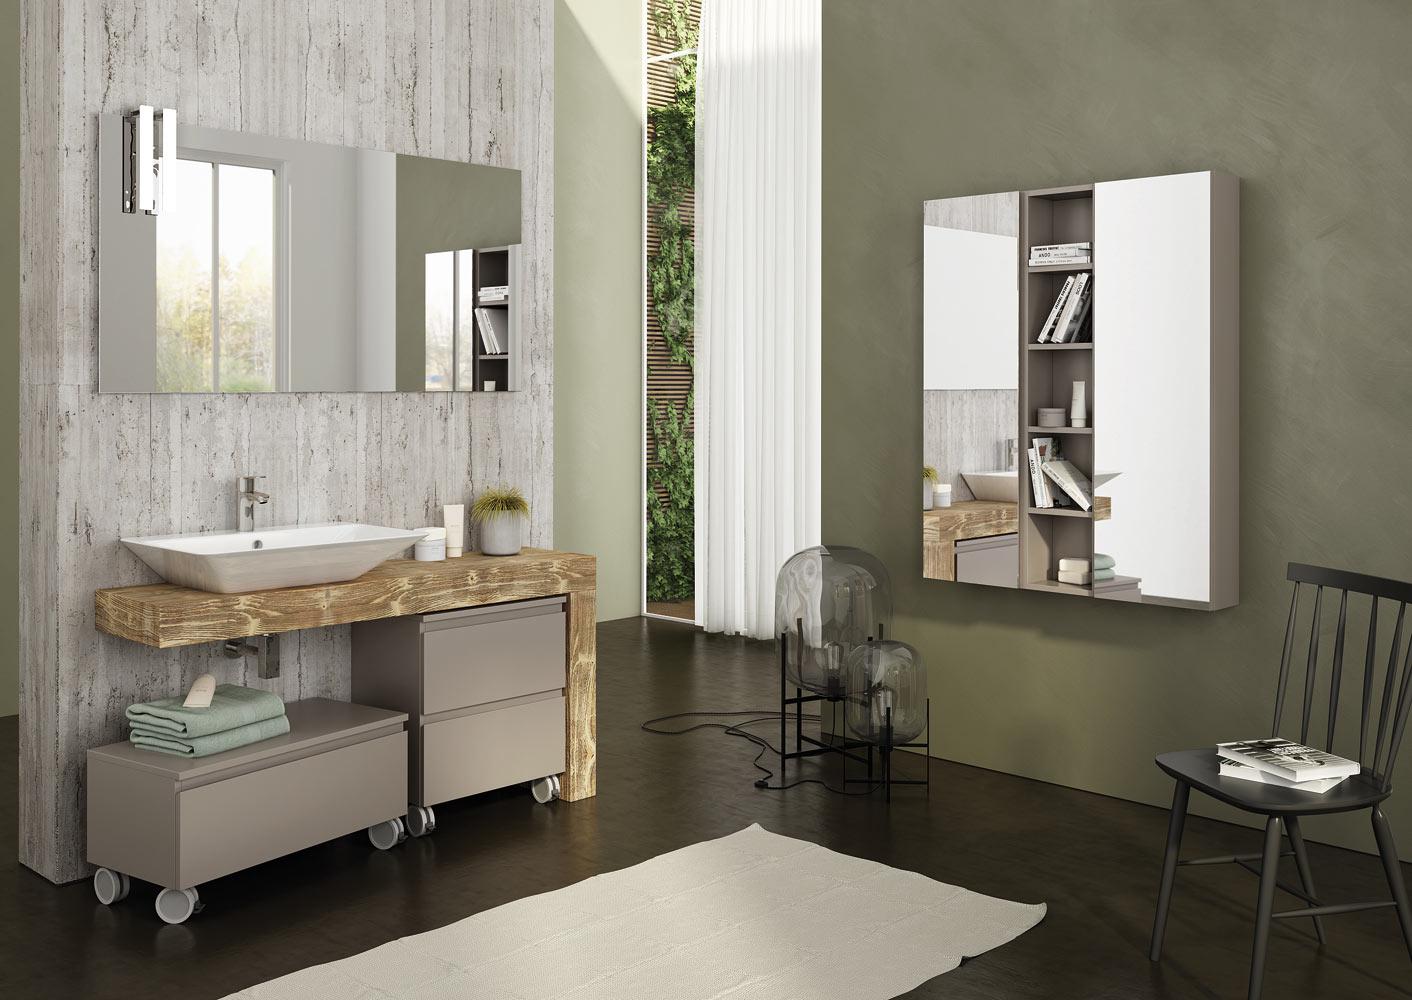 Dafnedesign.com - Mobile da bagno veletta in legno natural- lavabo a ...